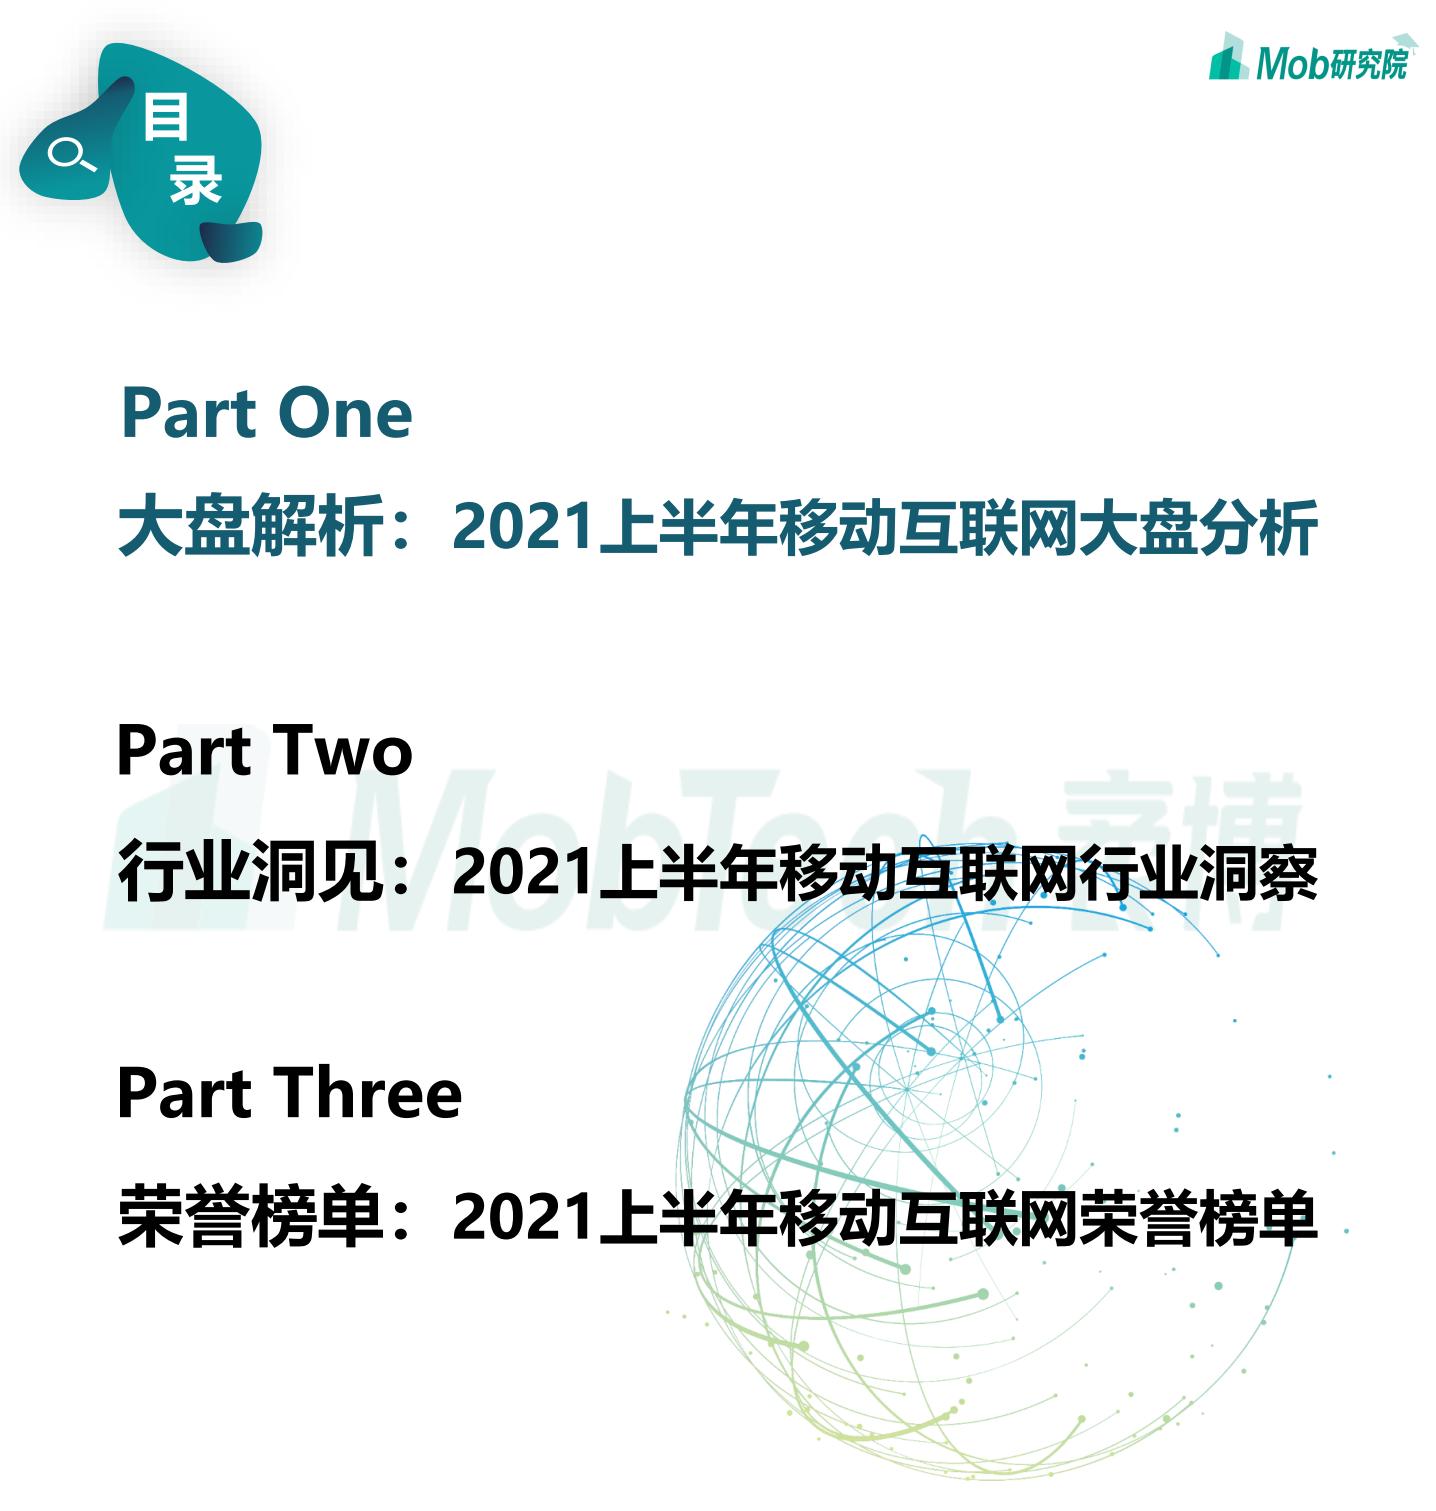 2021年中国移动互联网半年度大报告插图5